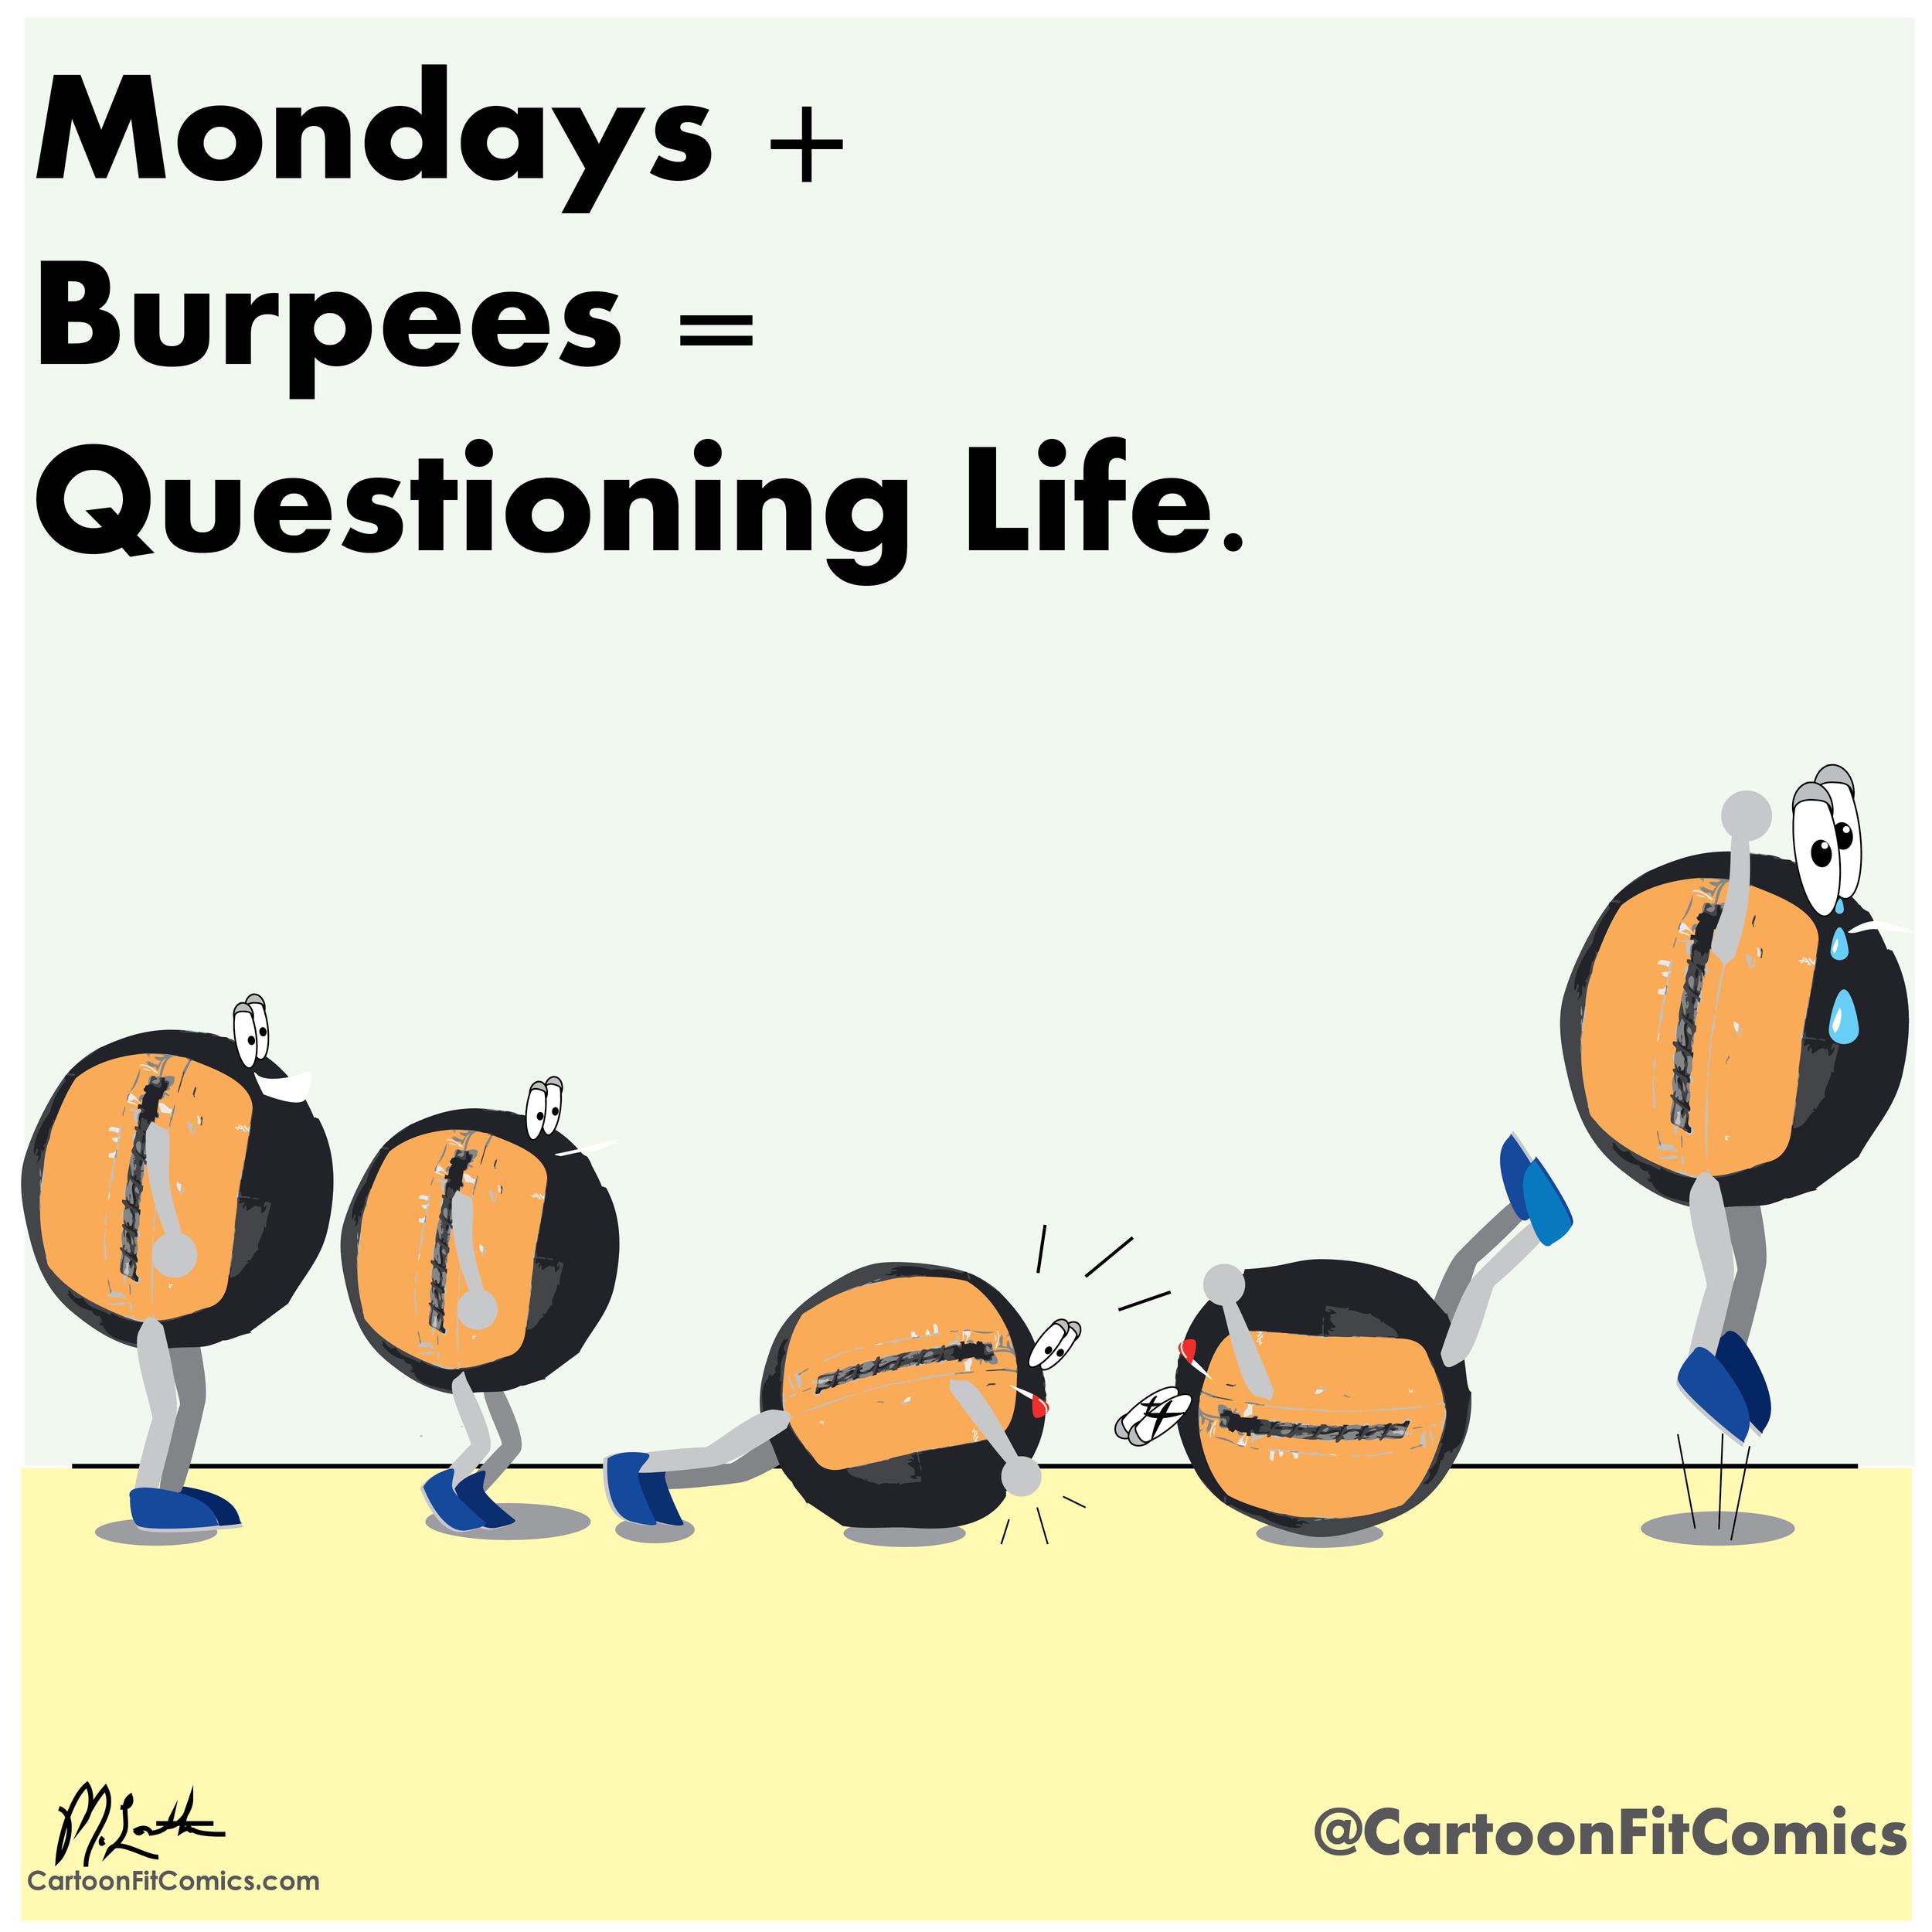 Balloo - Cartoon Fit Comics - Burpees - I Hate Burpees